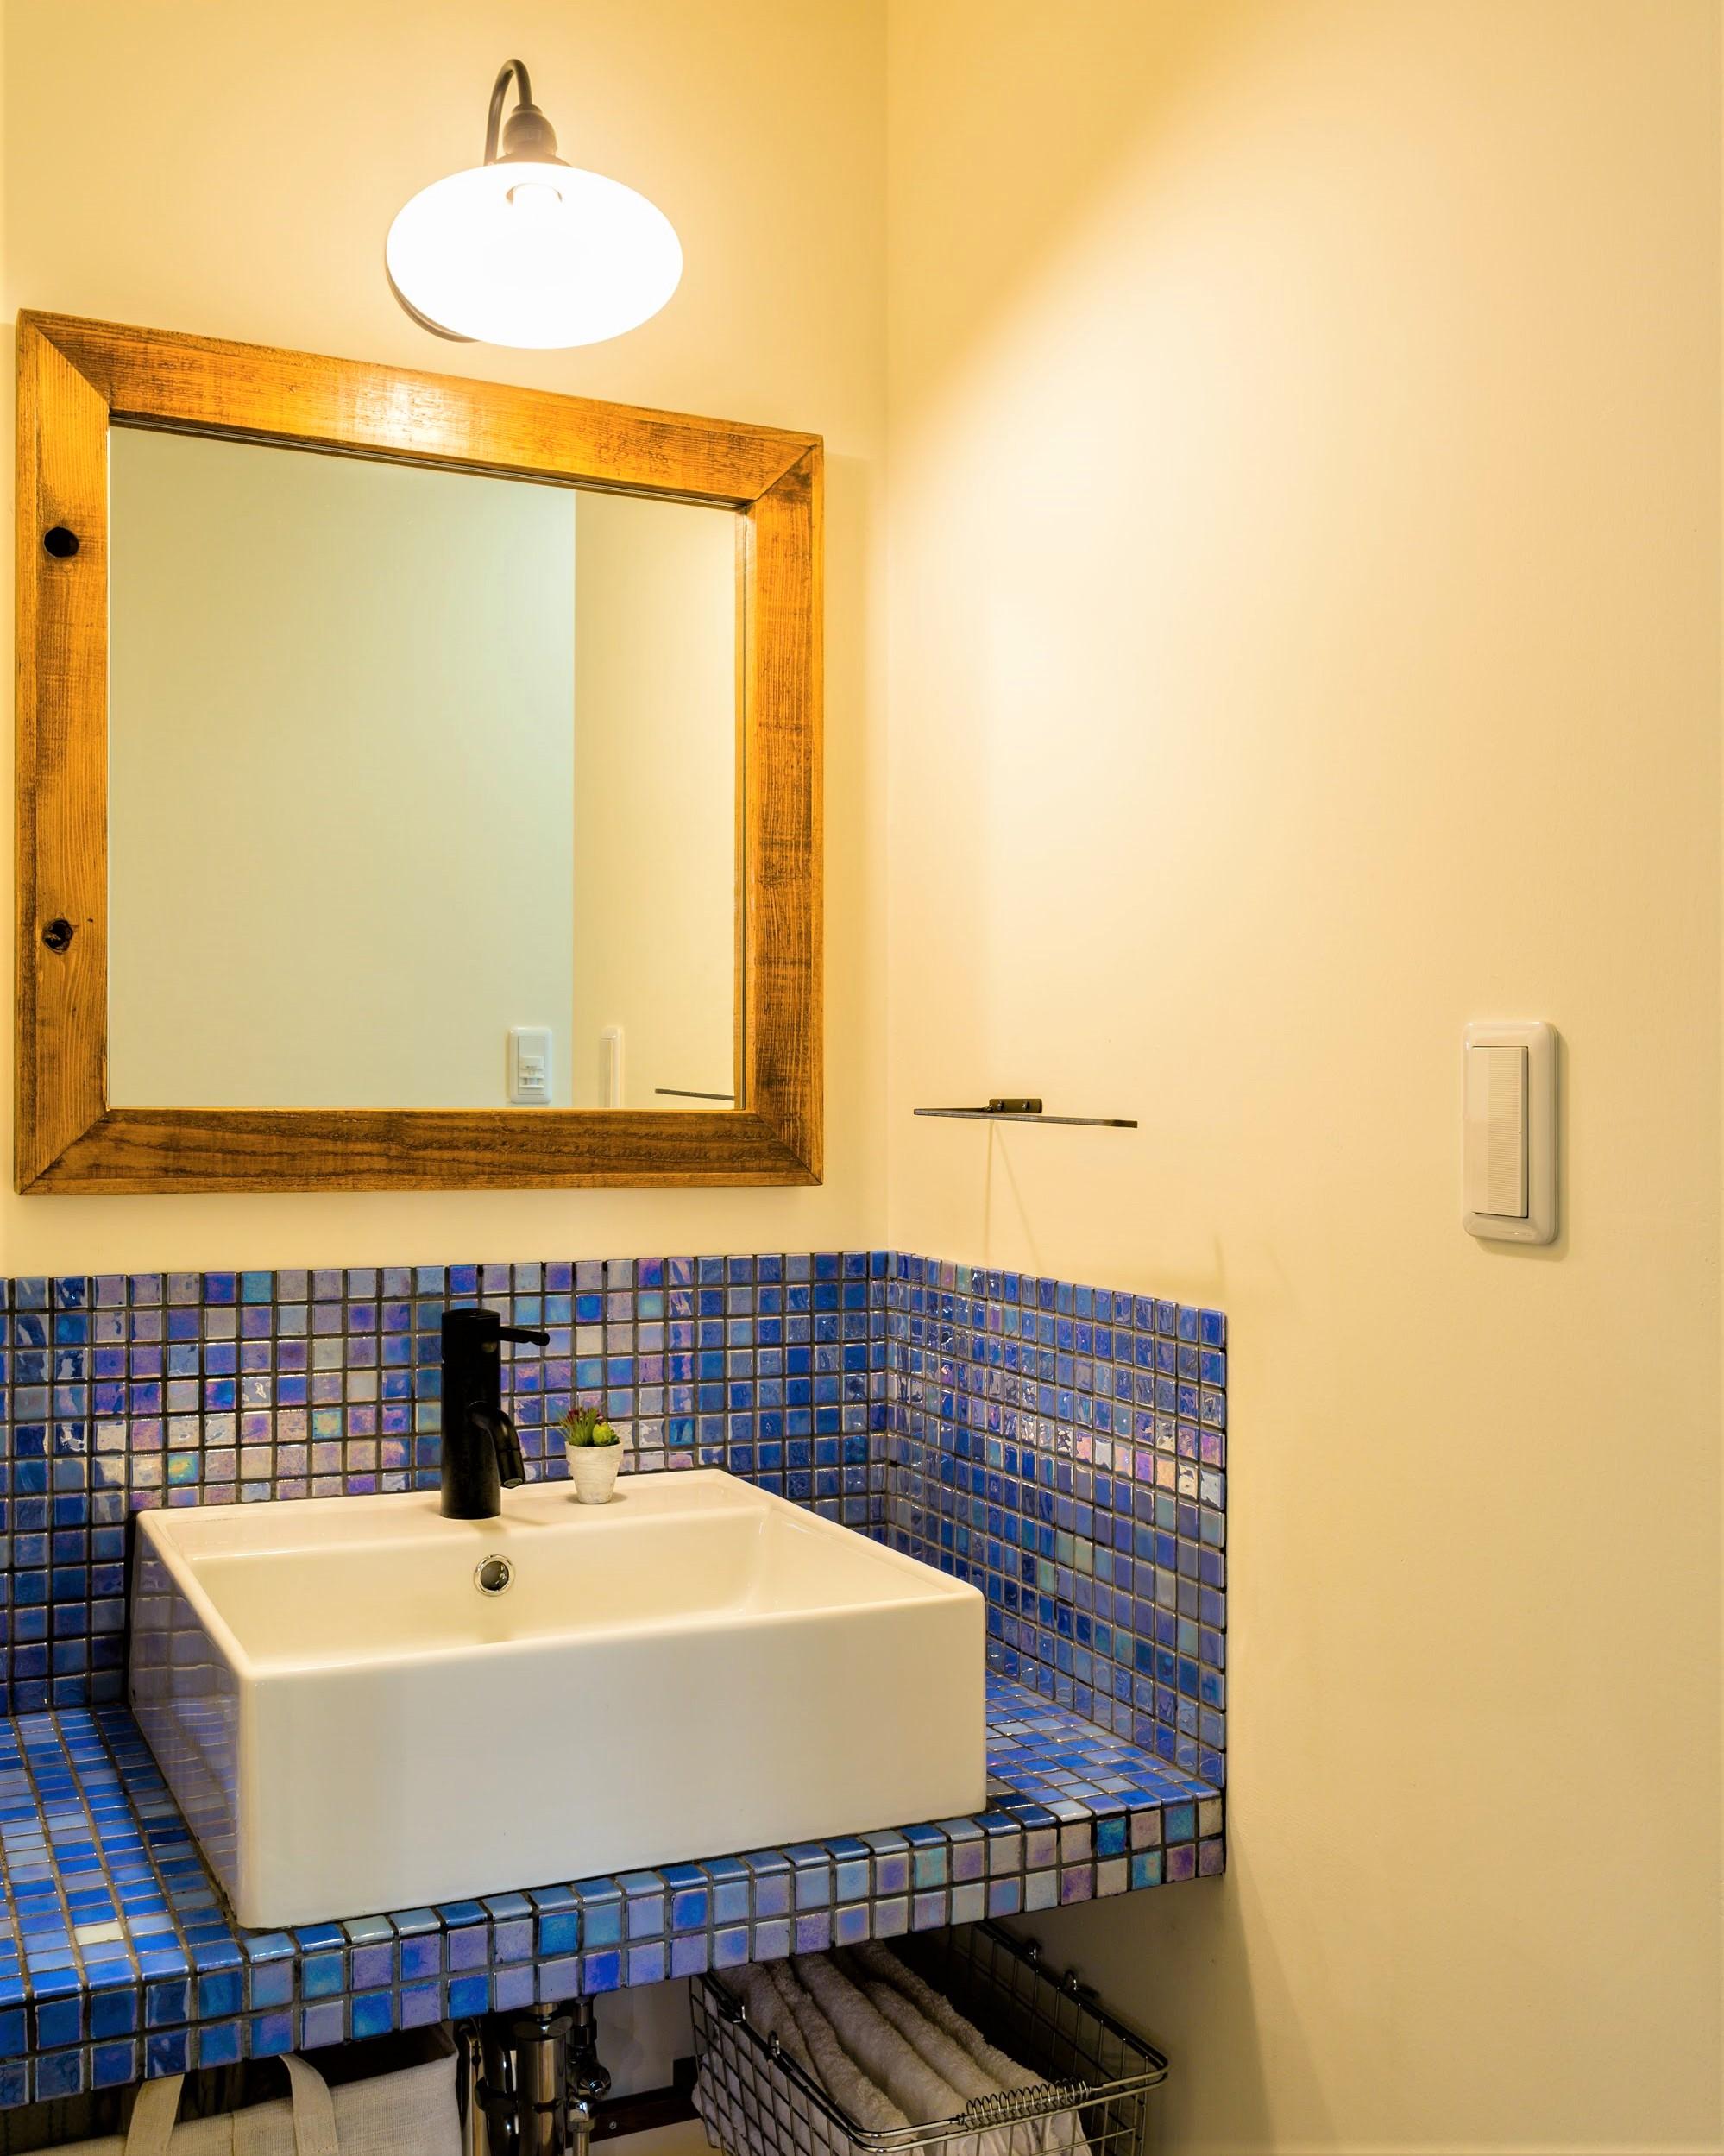 鮮やかなタイルをあしらった造作洗面台。LDKの一角に設置されており、来客時にも使いやすい